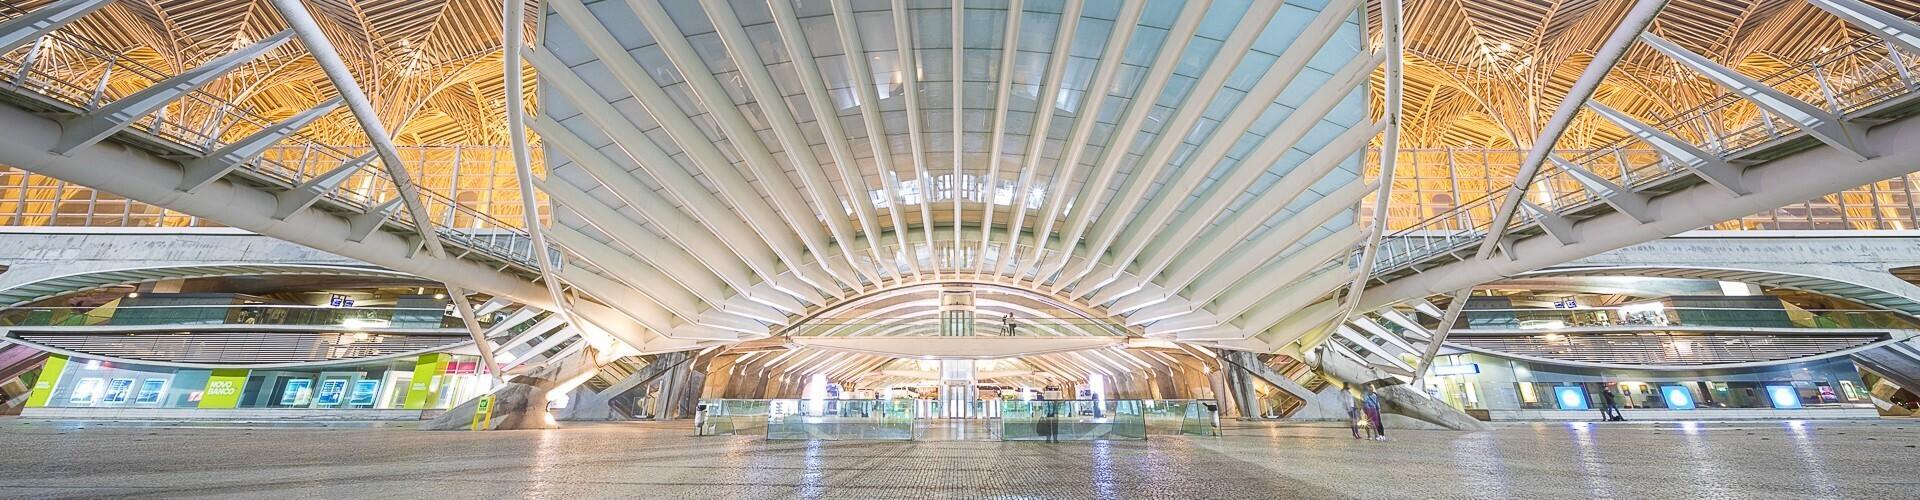 voyage photo architecture et cityscape vincent frances header